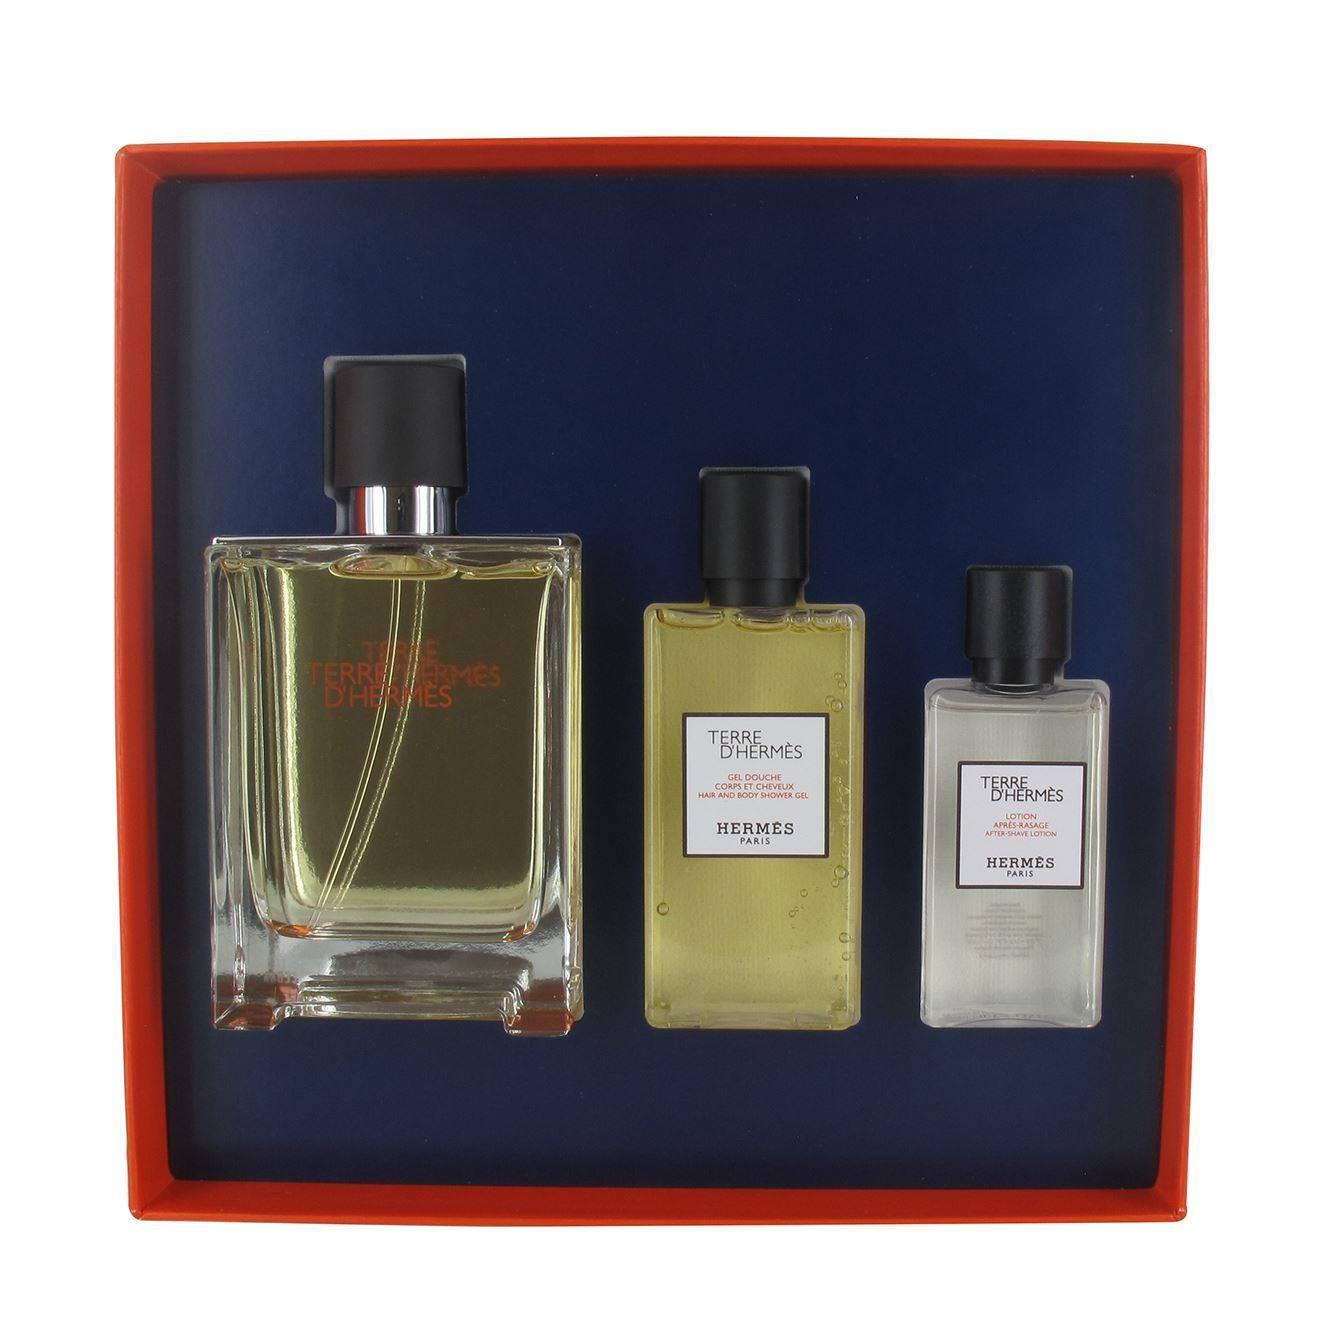 cc6b6fd43a Product Description. Hermes launched Terre d′Hermes ...